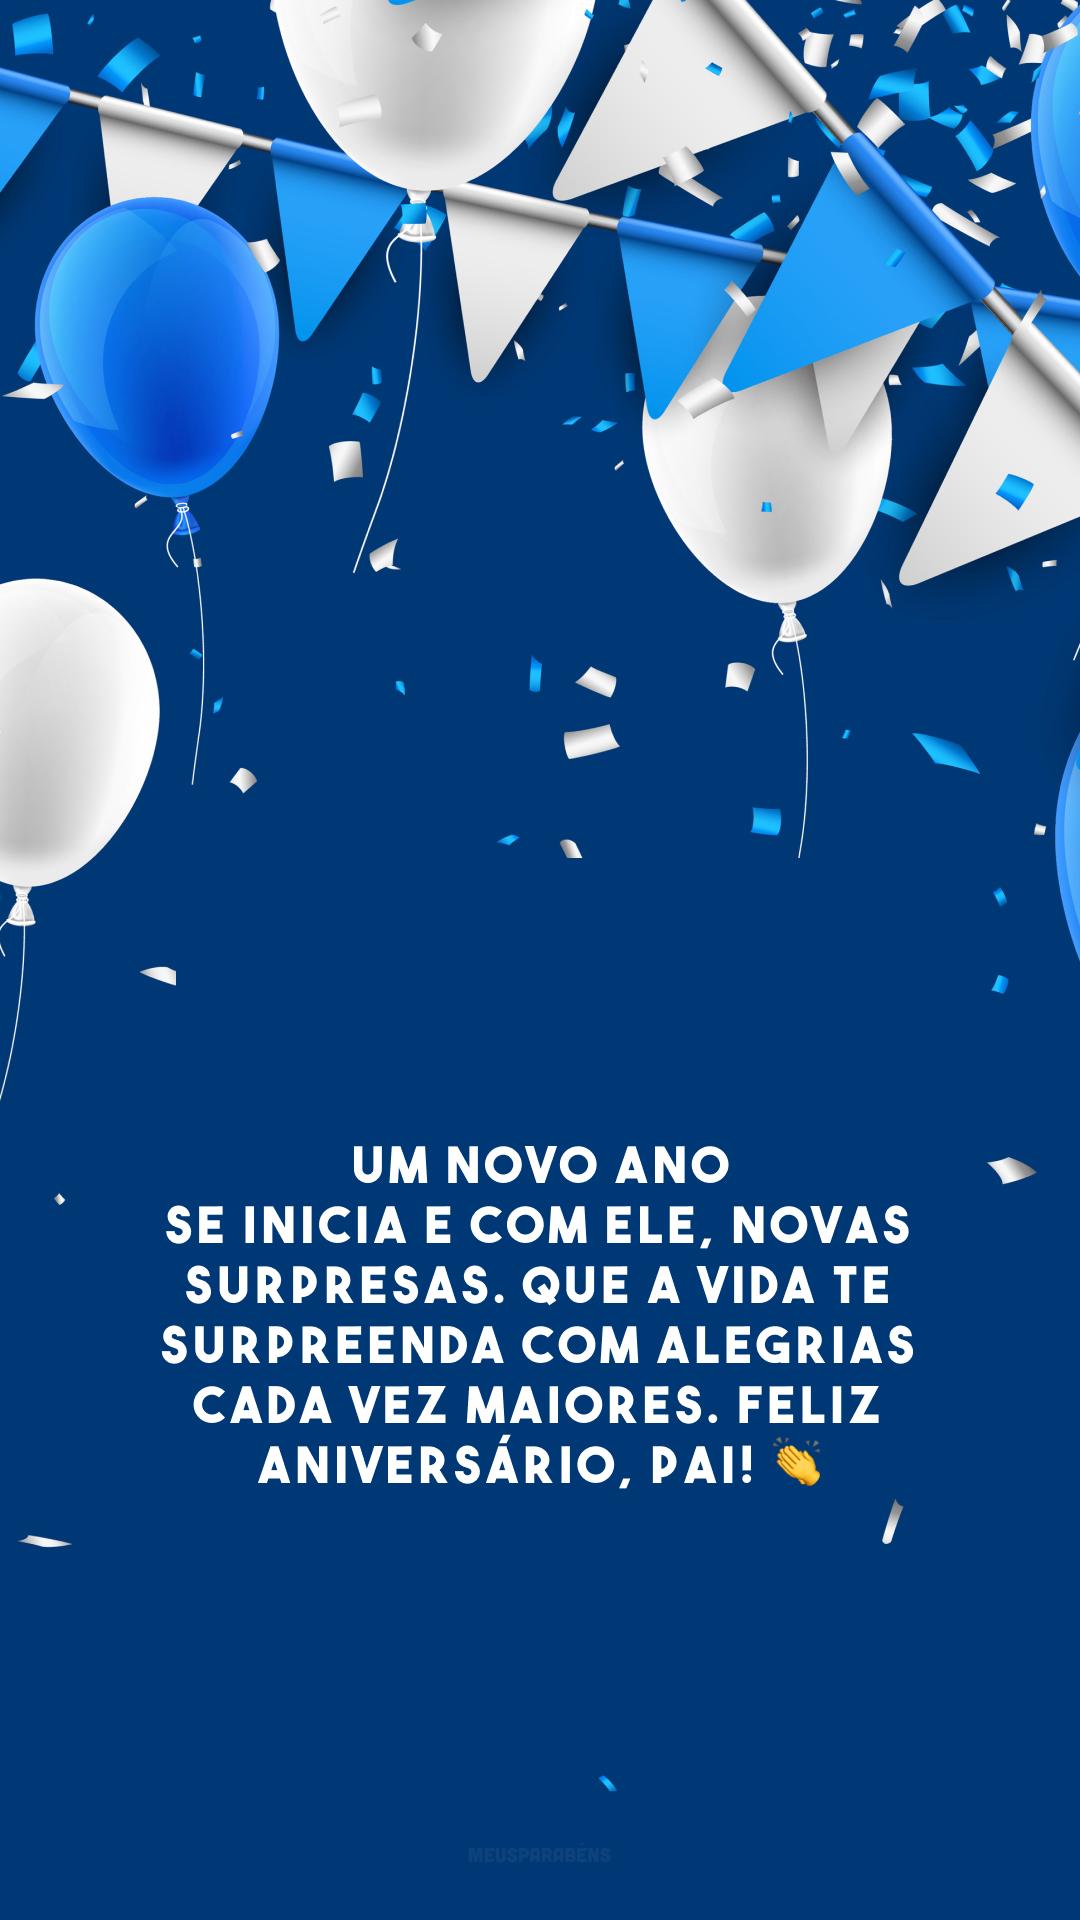 Um novo ano se inicia e com ele, novas surpresas. Que a vida te surpreenda com alegrias cada vez maiores. Feliz aniversário, pai! 👏